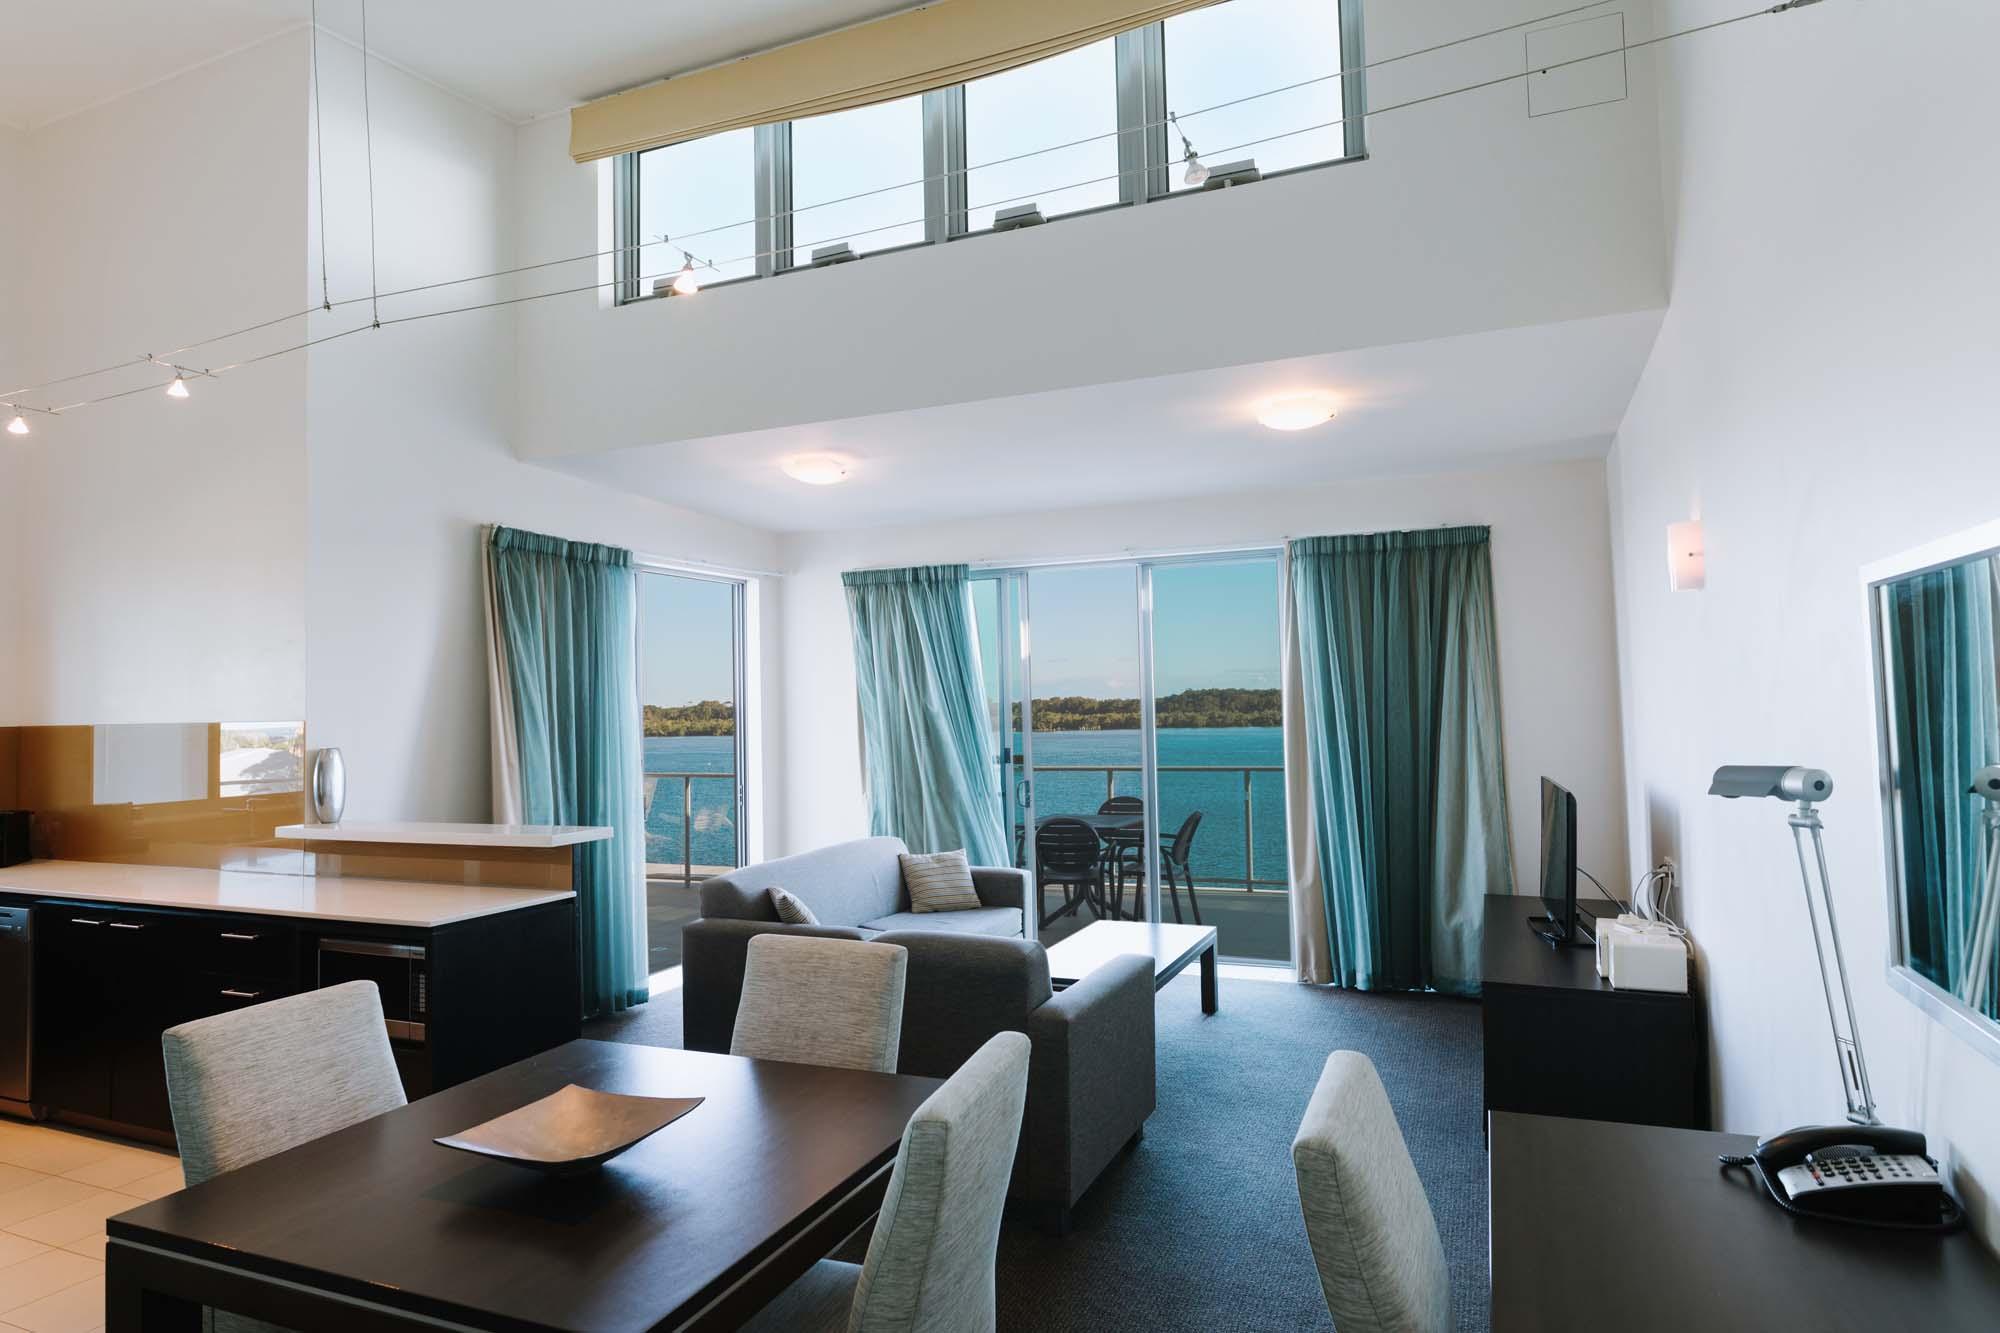 ramada hotel ballina executive suite